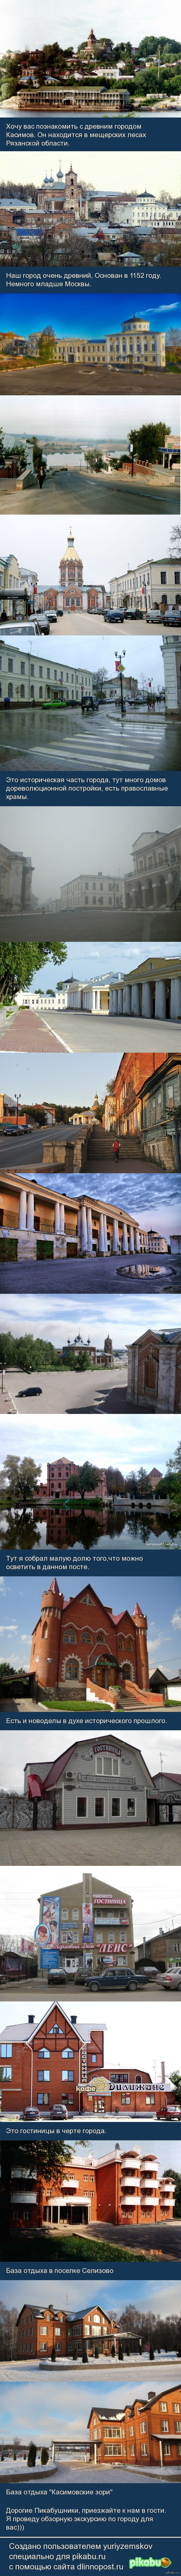 Хочу вам рассказать про свой город Мой первый длиннопост, прошу прощения за корявость и информативность)))